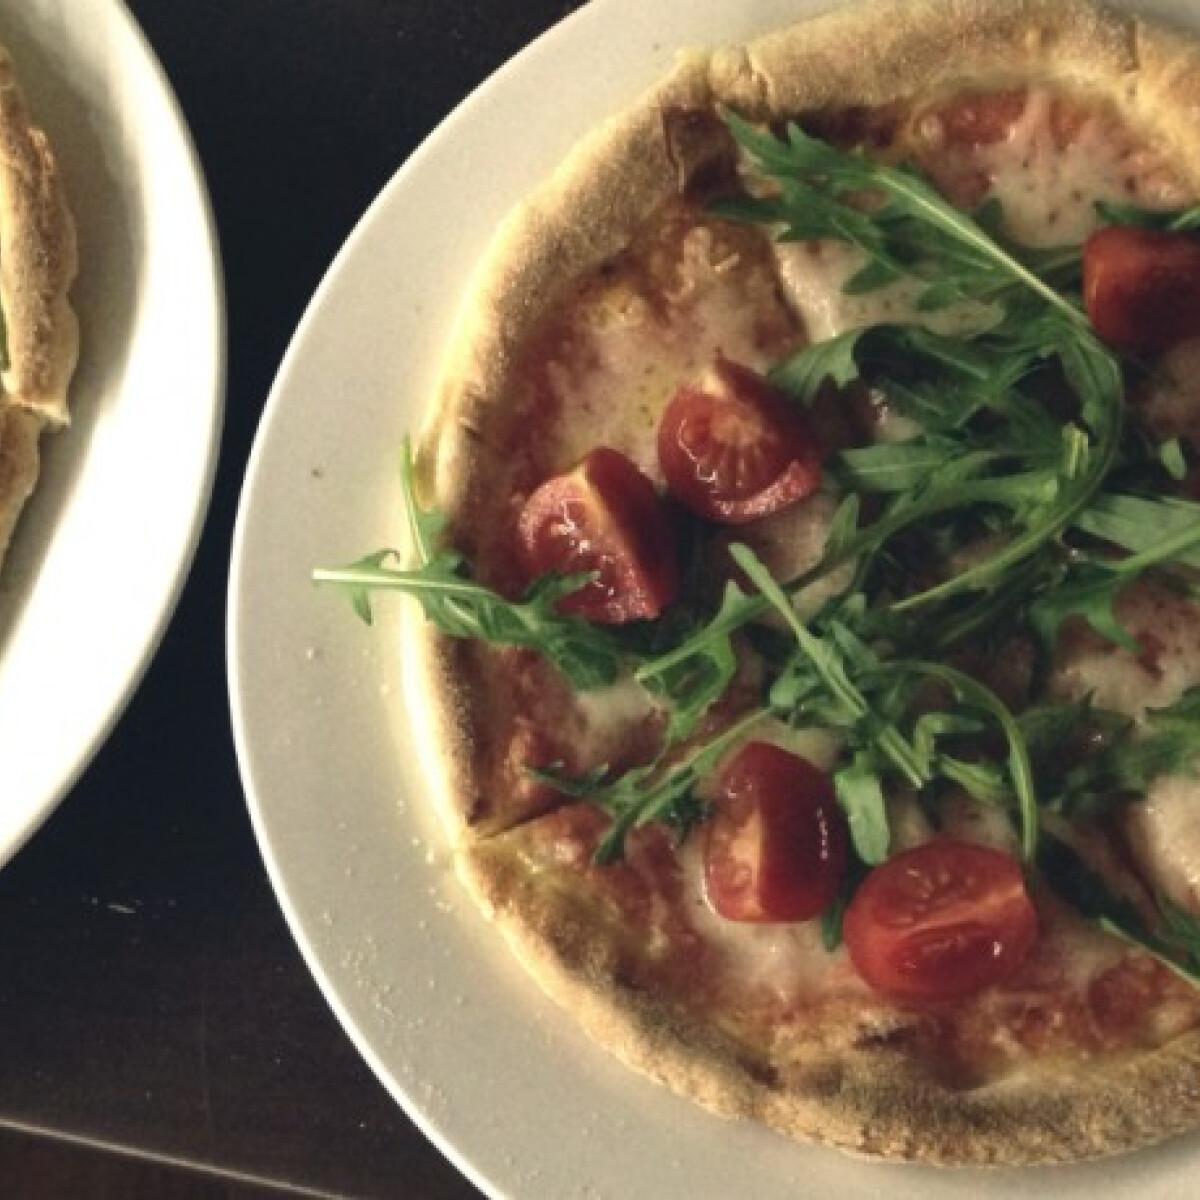 Serpenyős pizza blanchetyler konyhájából